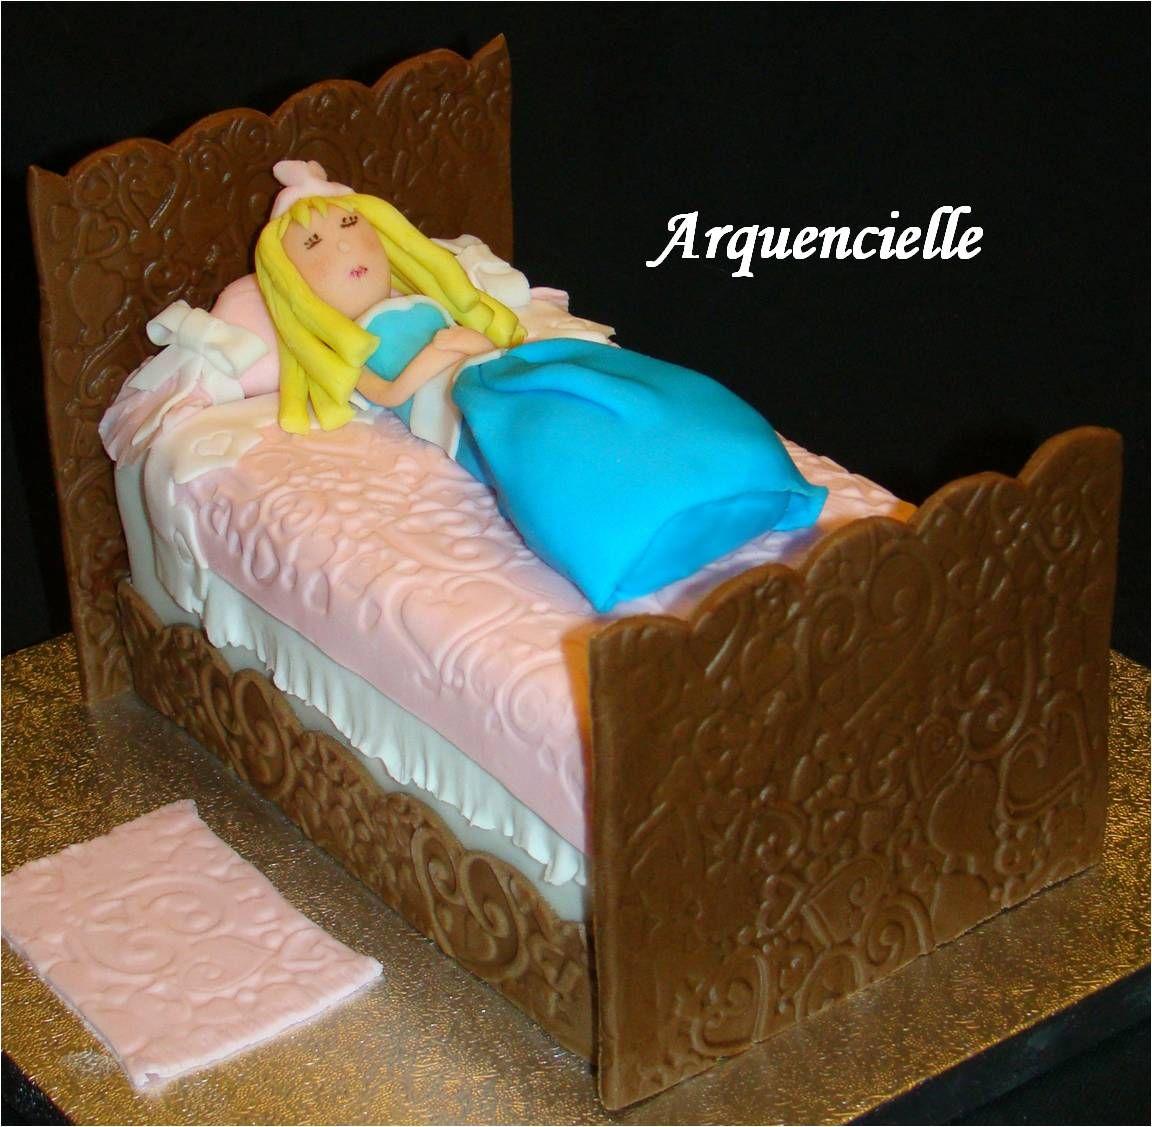 Gâteau belle au bois dormant sleeping beauty cake côté